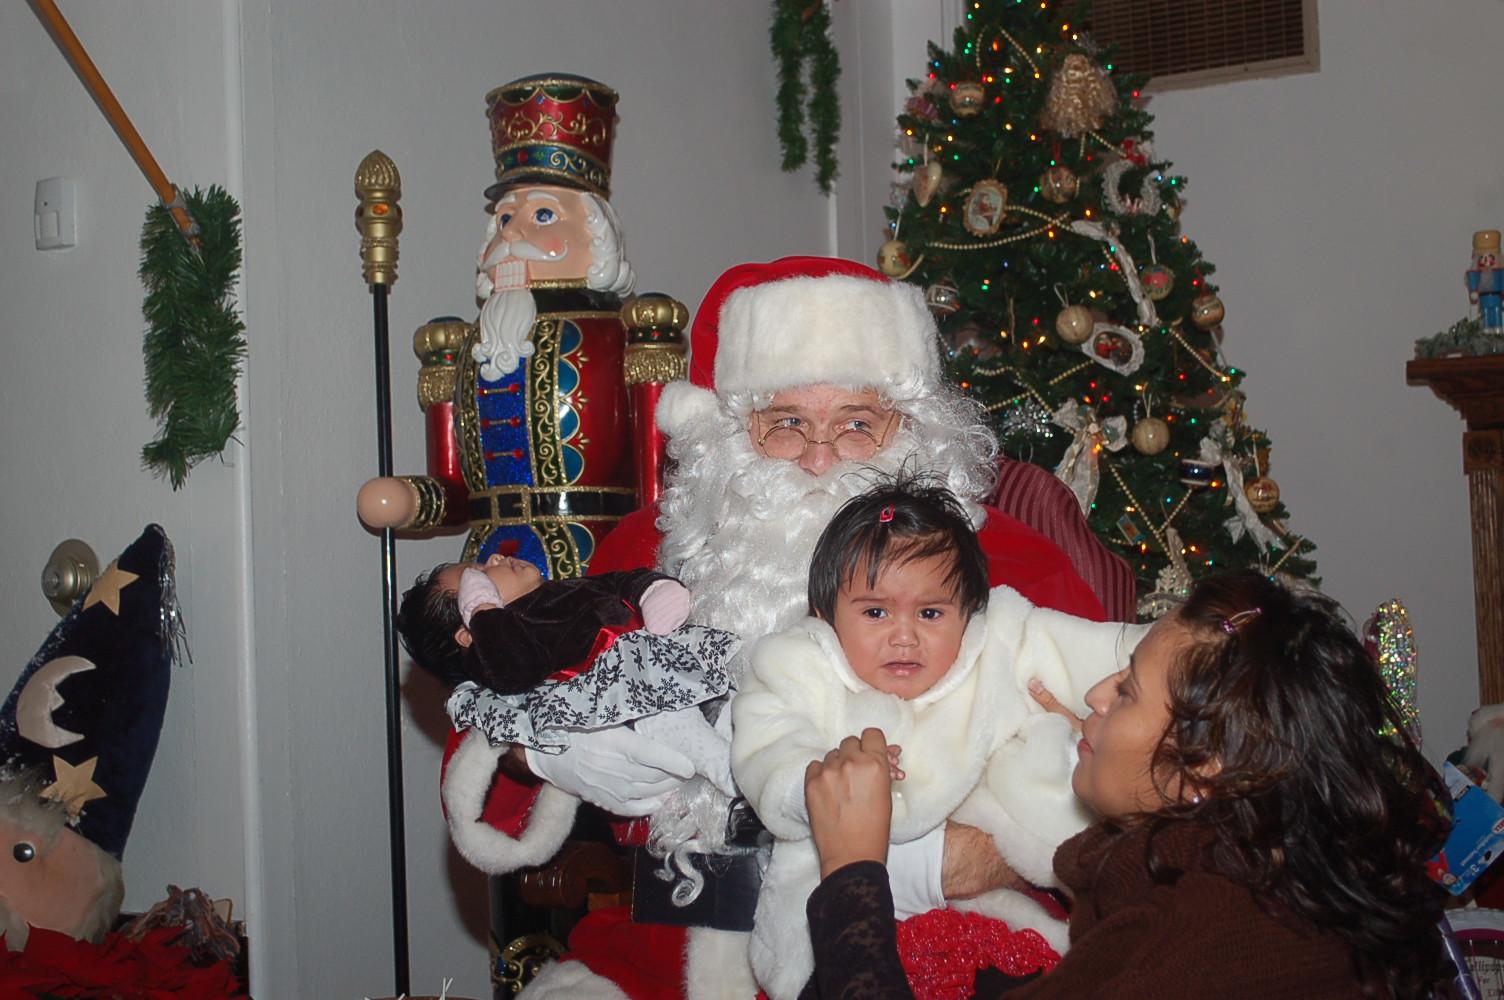 LolliPop+Lane+12-11-2011+Picture+018.jpg